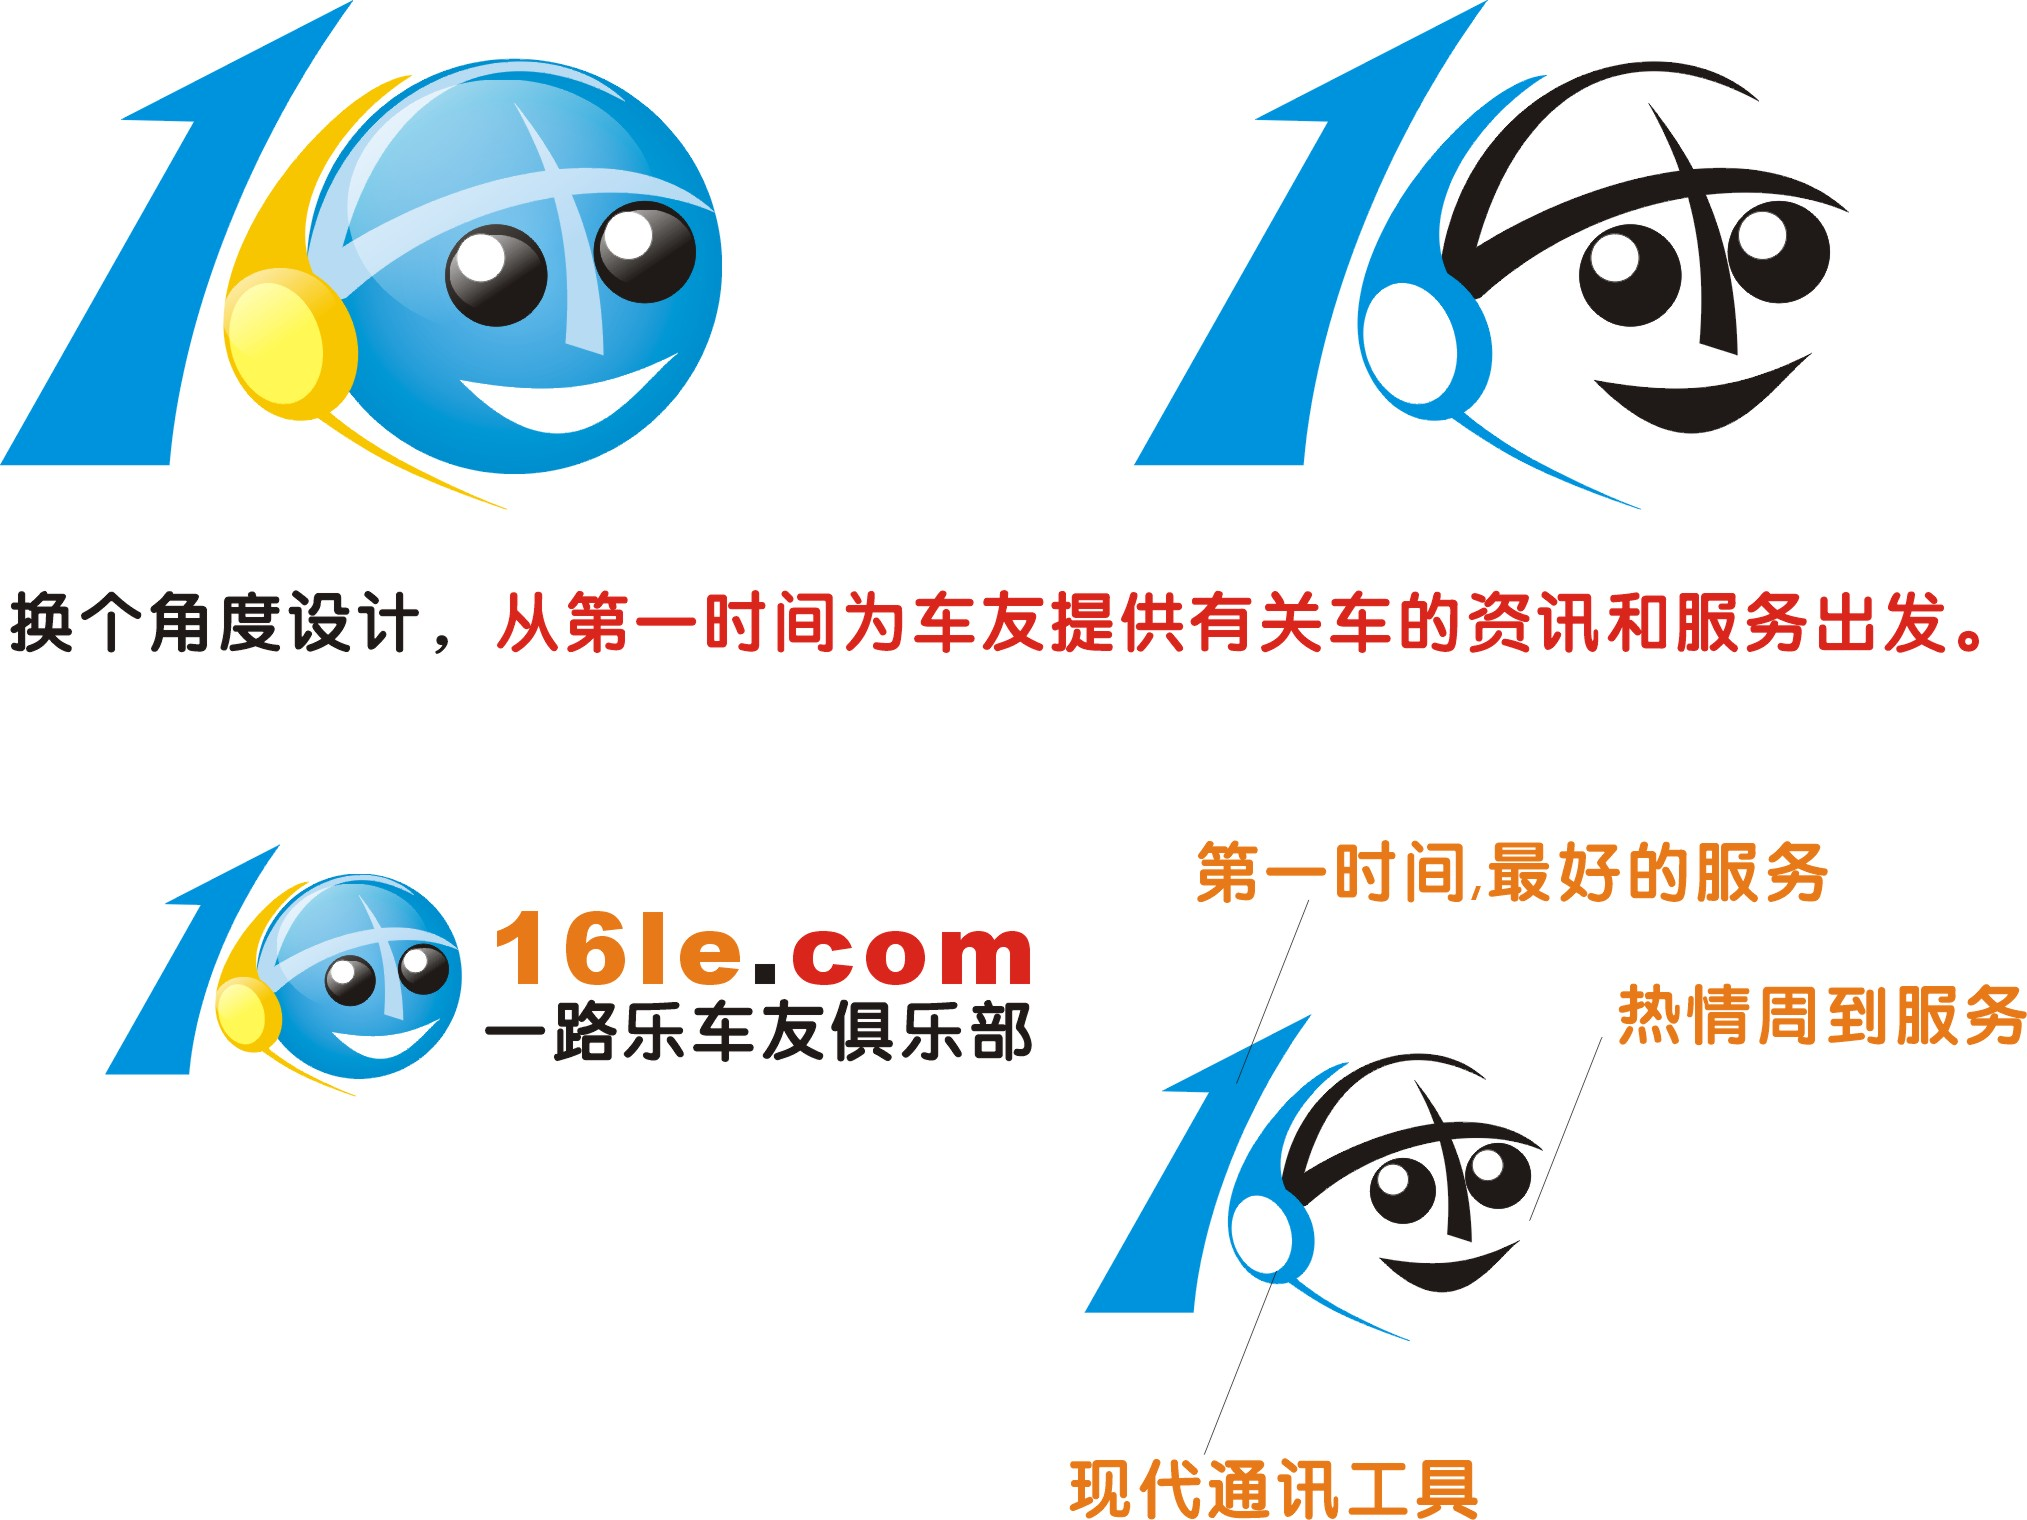 一路乐车友俱乐部网站logo设计 (一)背景 1.网站运营平台中文名称:一路乐车友 2.域名 wwww.16le.com 3.行业属性:互联网 4.网站定位:为私家车车主提供有关车的资讯和服务 (二)任务:为网站设计LOGO logo设计要求 1、标志由中文名、域名和图标构成;中文名、中文名和域名、图标能独立成为宣传标志;图标最好是由一路乐或16乐或乐字变形为汽车或笑脸等卡通图案。 2、标志充分体现网站的属性和特征。 3、此logo除应用于网站之外,还必须符合制作为招牌、商品标签等方面的要求。